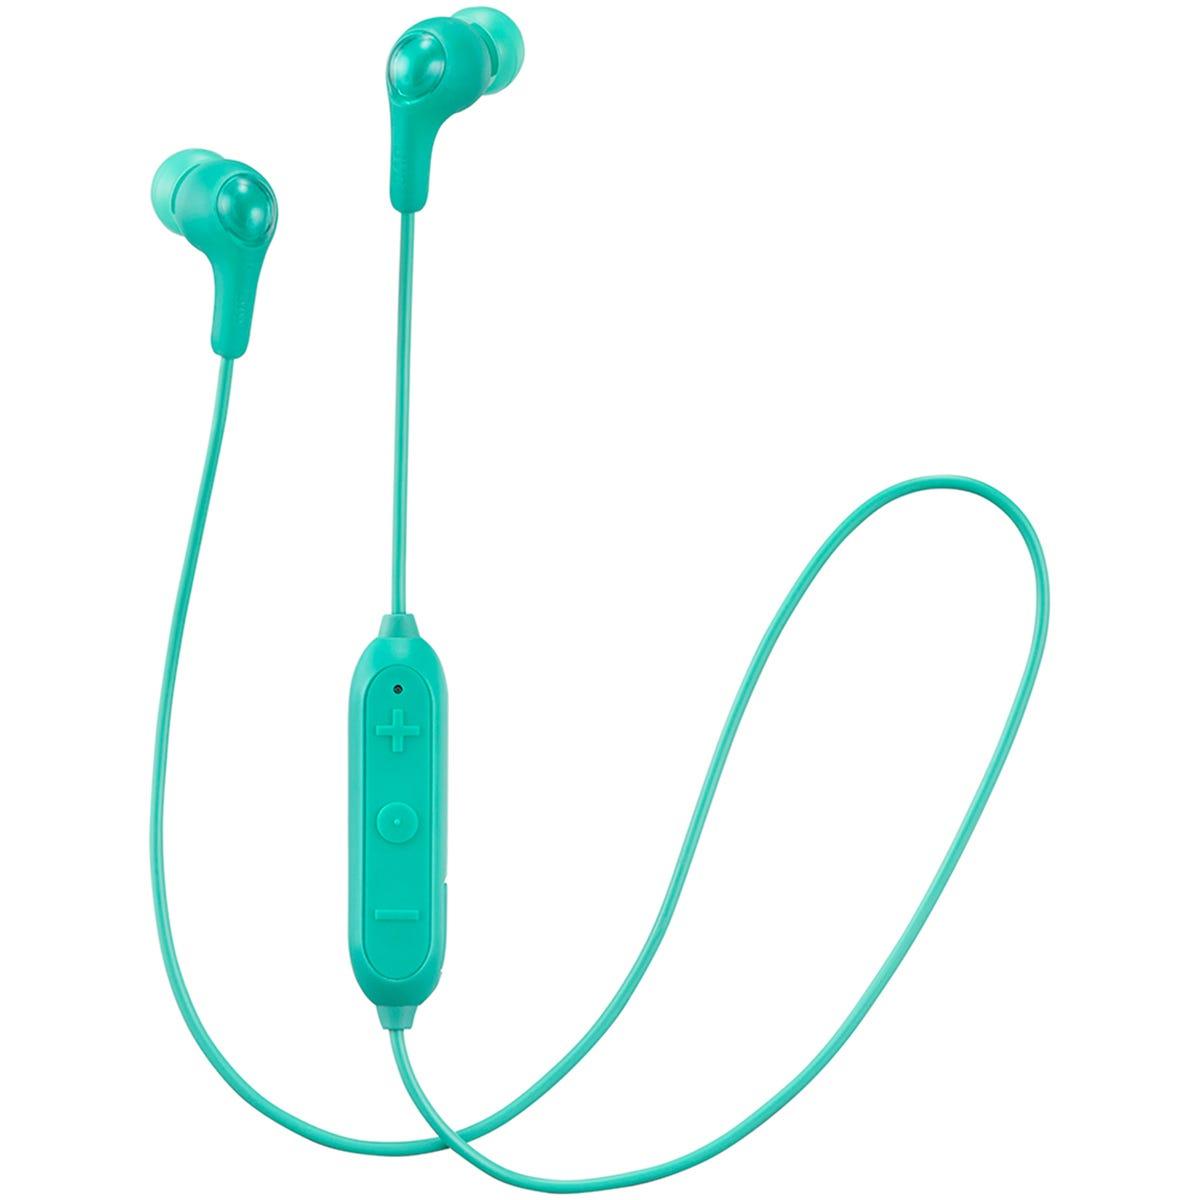 JVC Gumy Wireless Bluetooth In Ear Headphones - Green